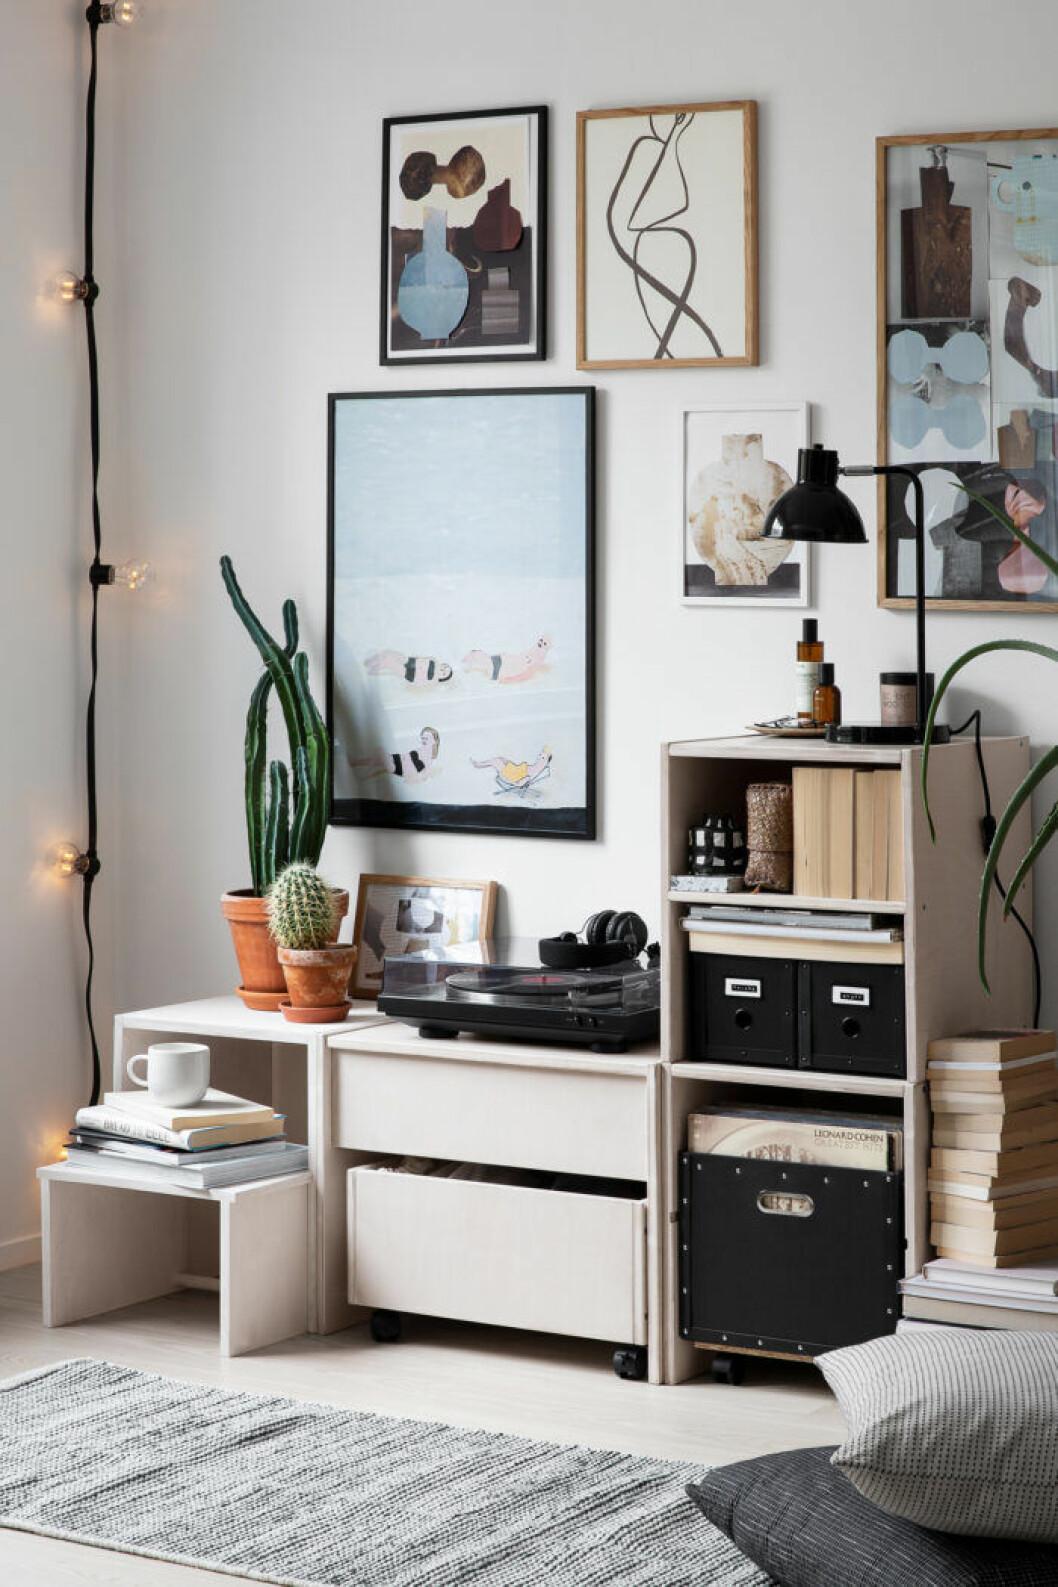 Granits första egna möbelserie med moduler som kan kombineras efter behov